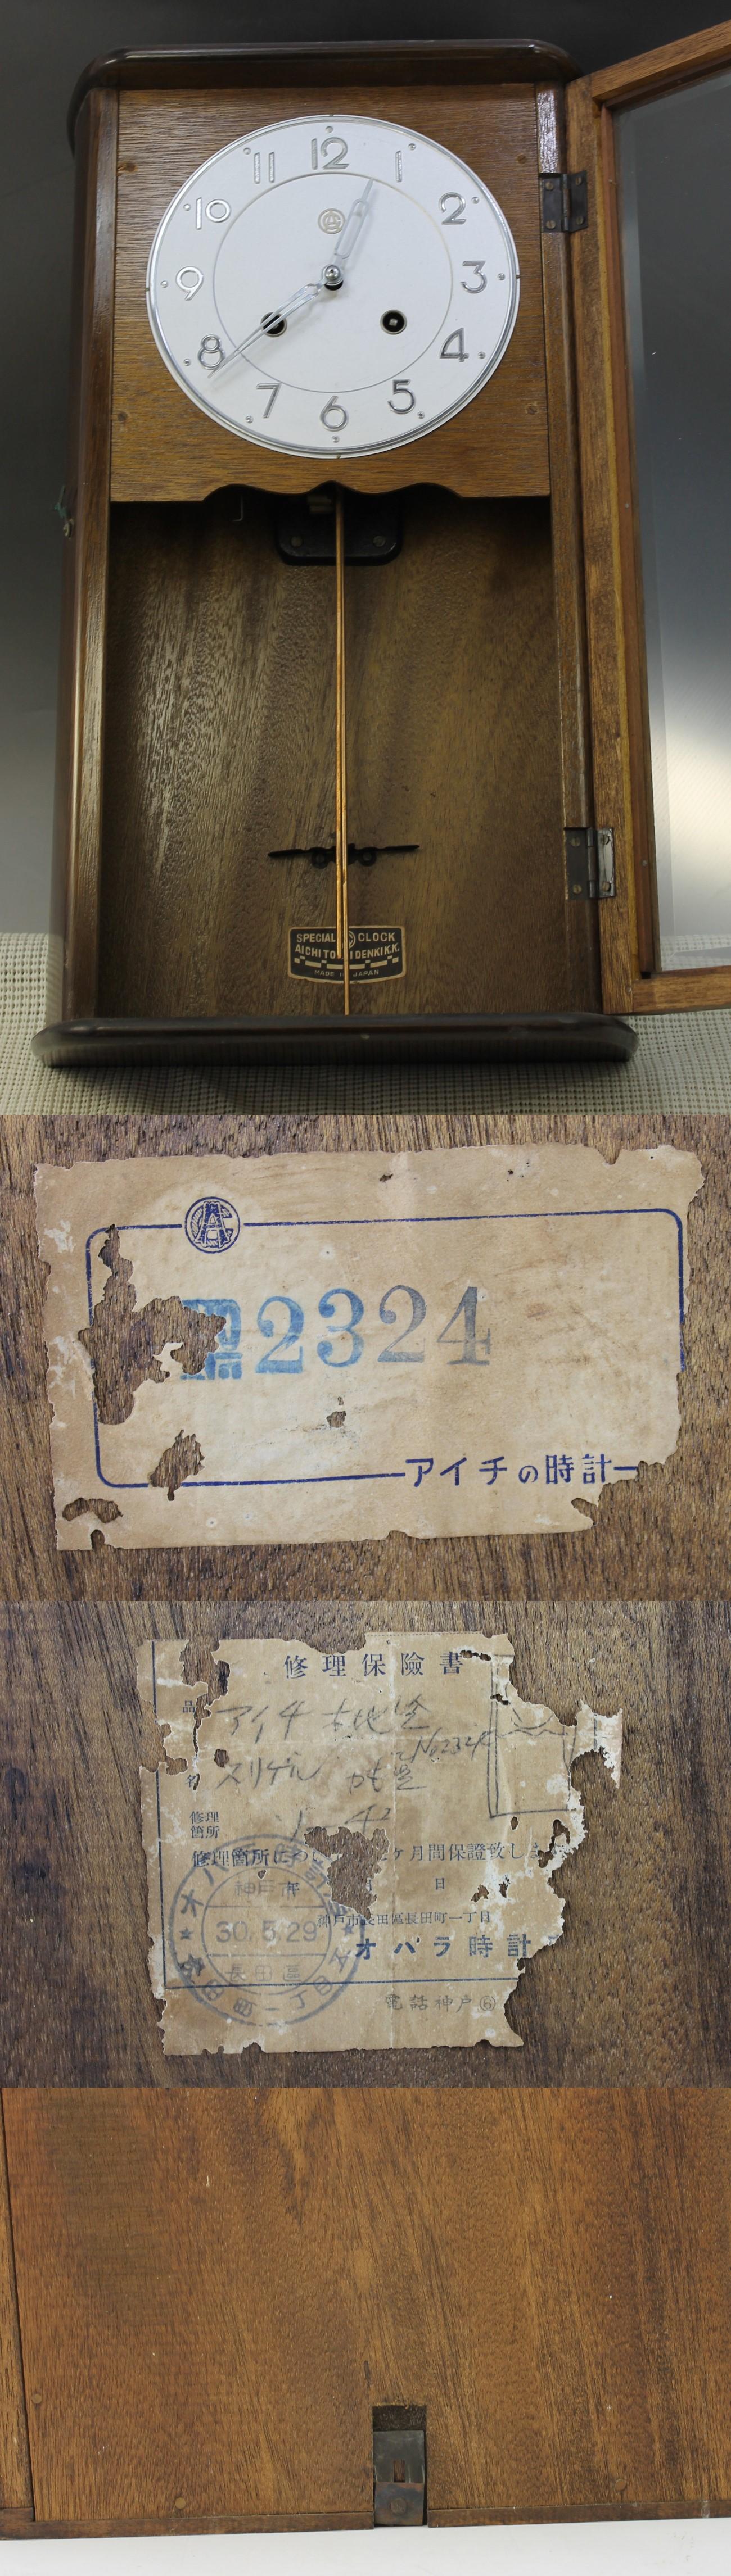 愛知時計3